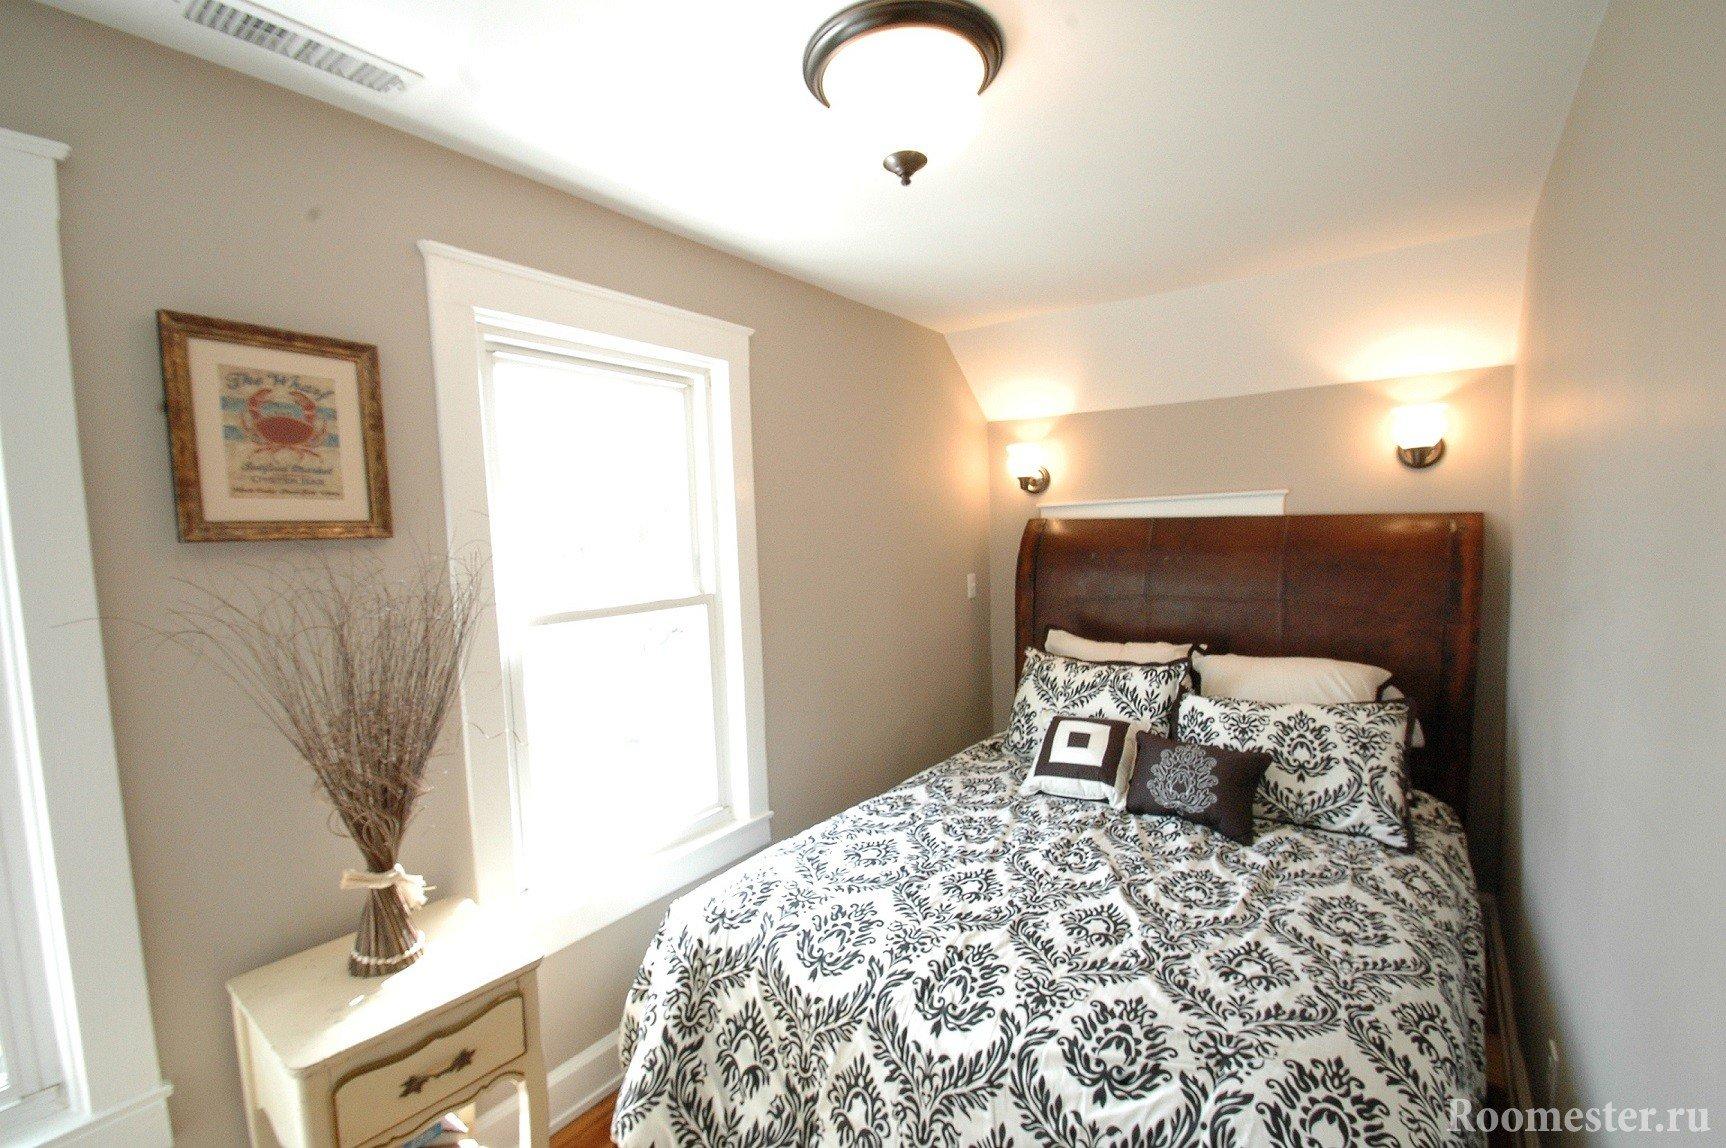 Двухспальная кровать в маленькой спальне